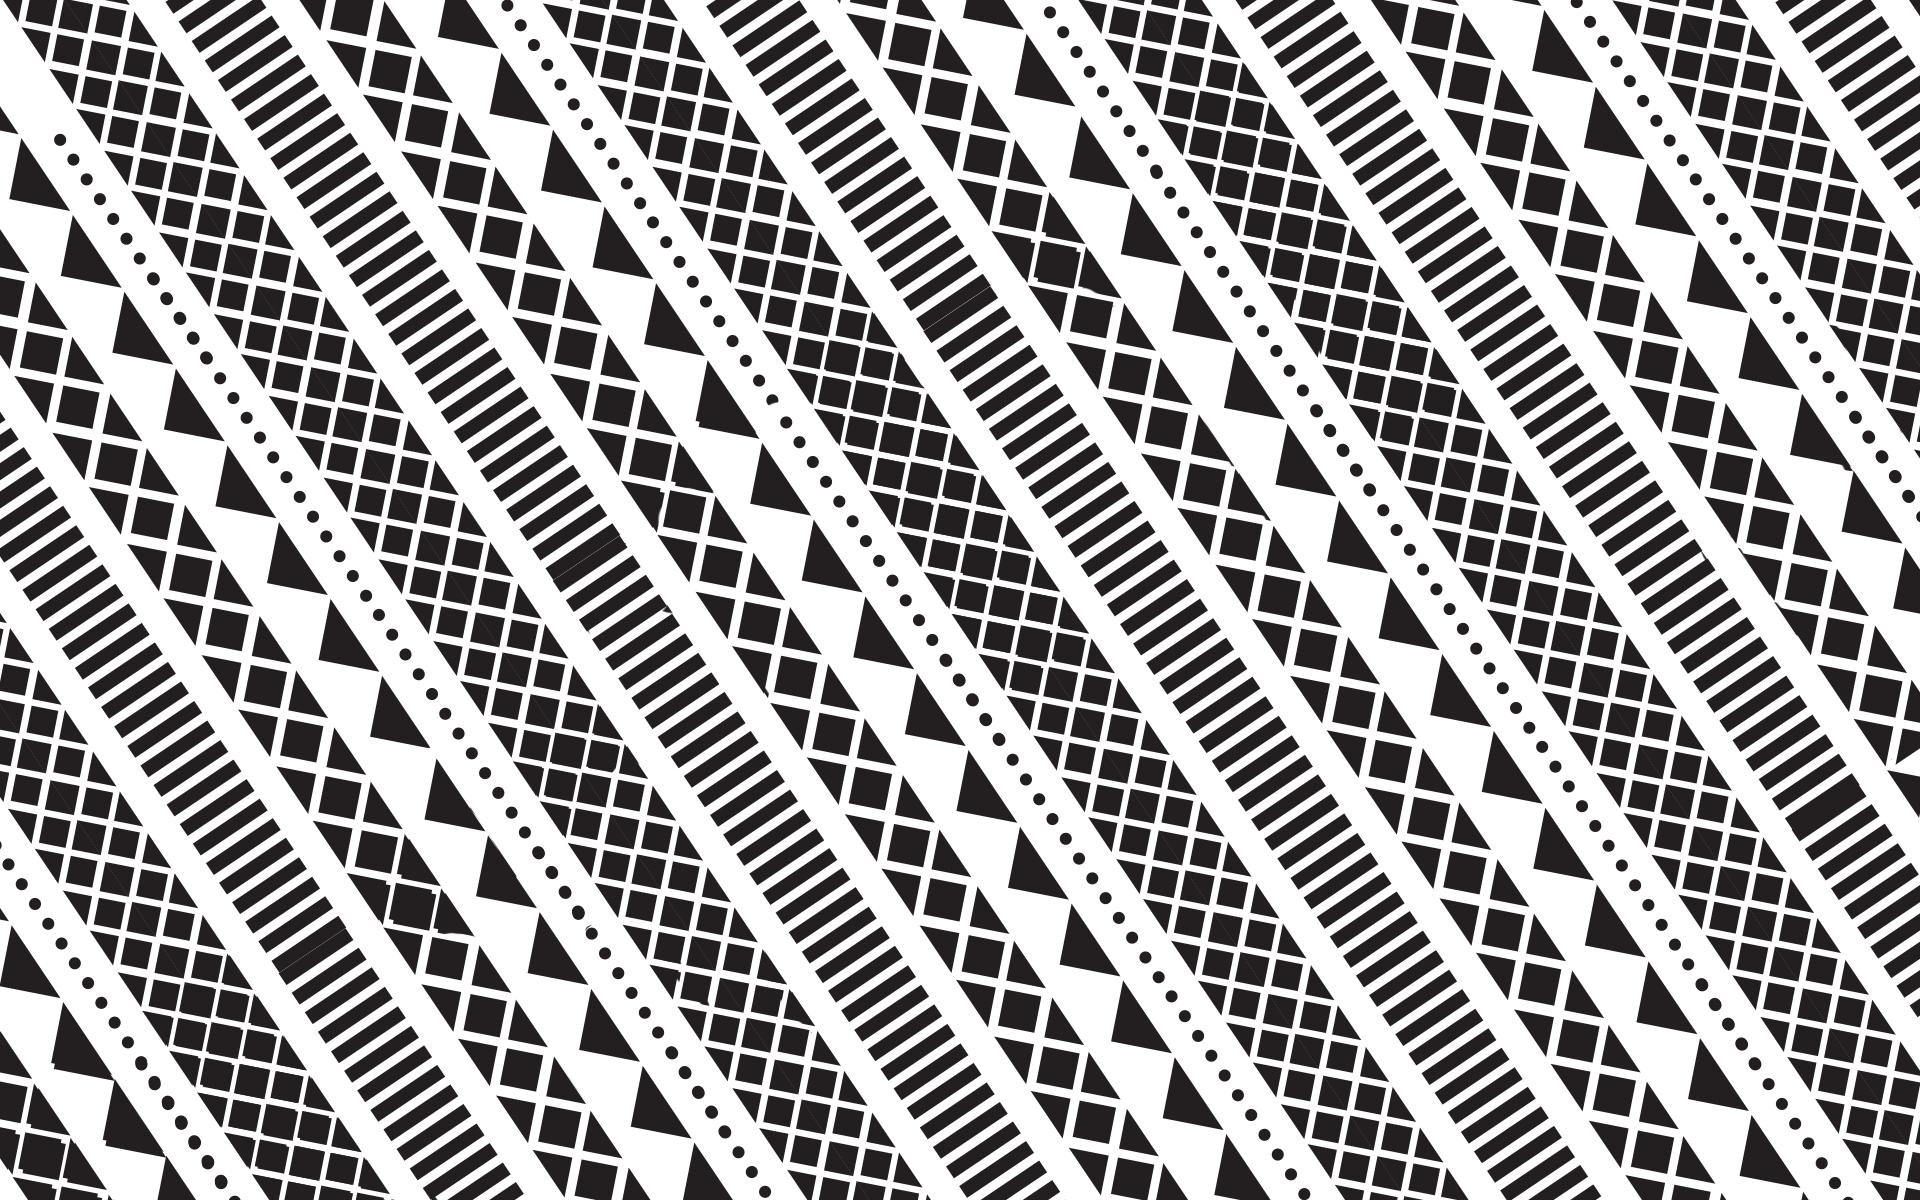 Summer Wallpaper Downloads Pretty Wallpaper Iphone Tribal Wallpaper Iphone Wallpaper